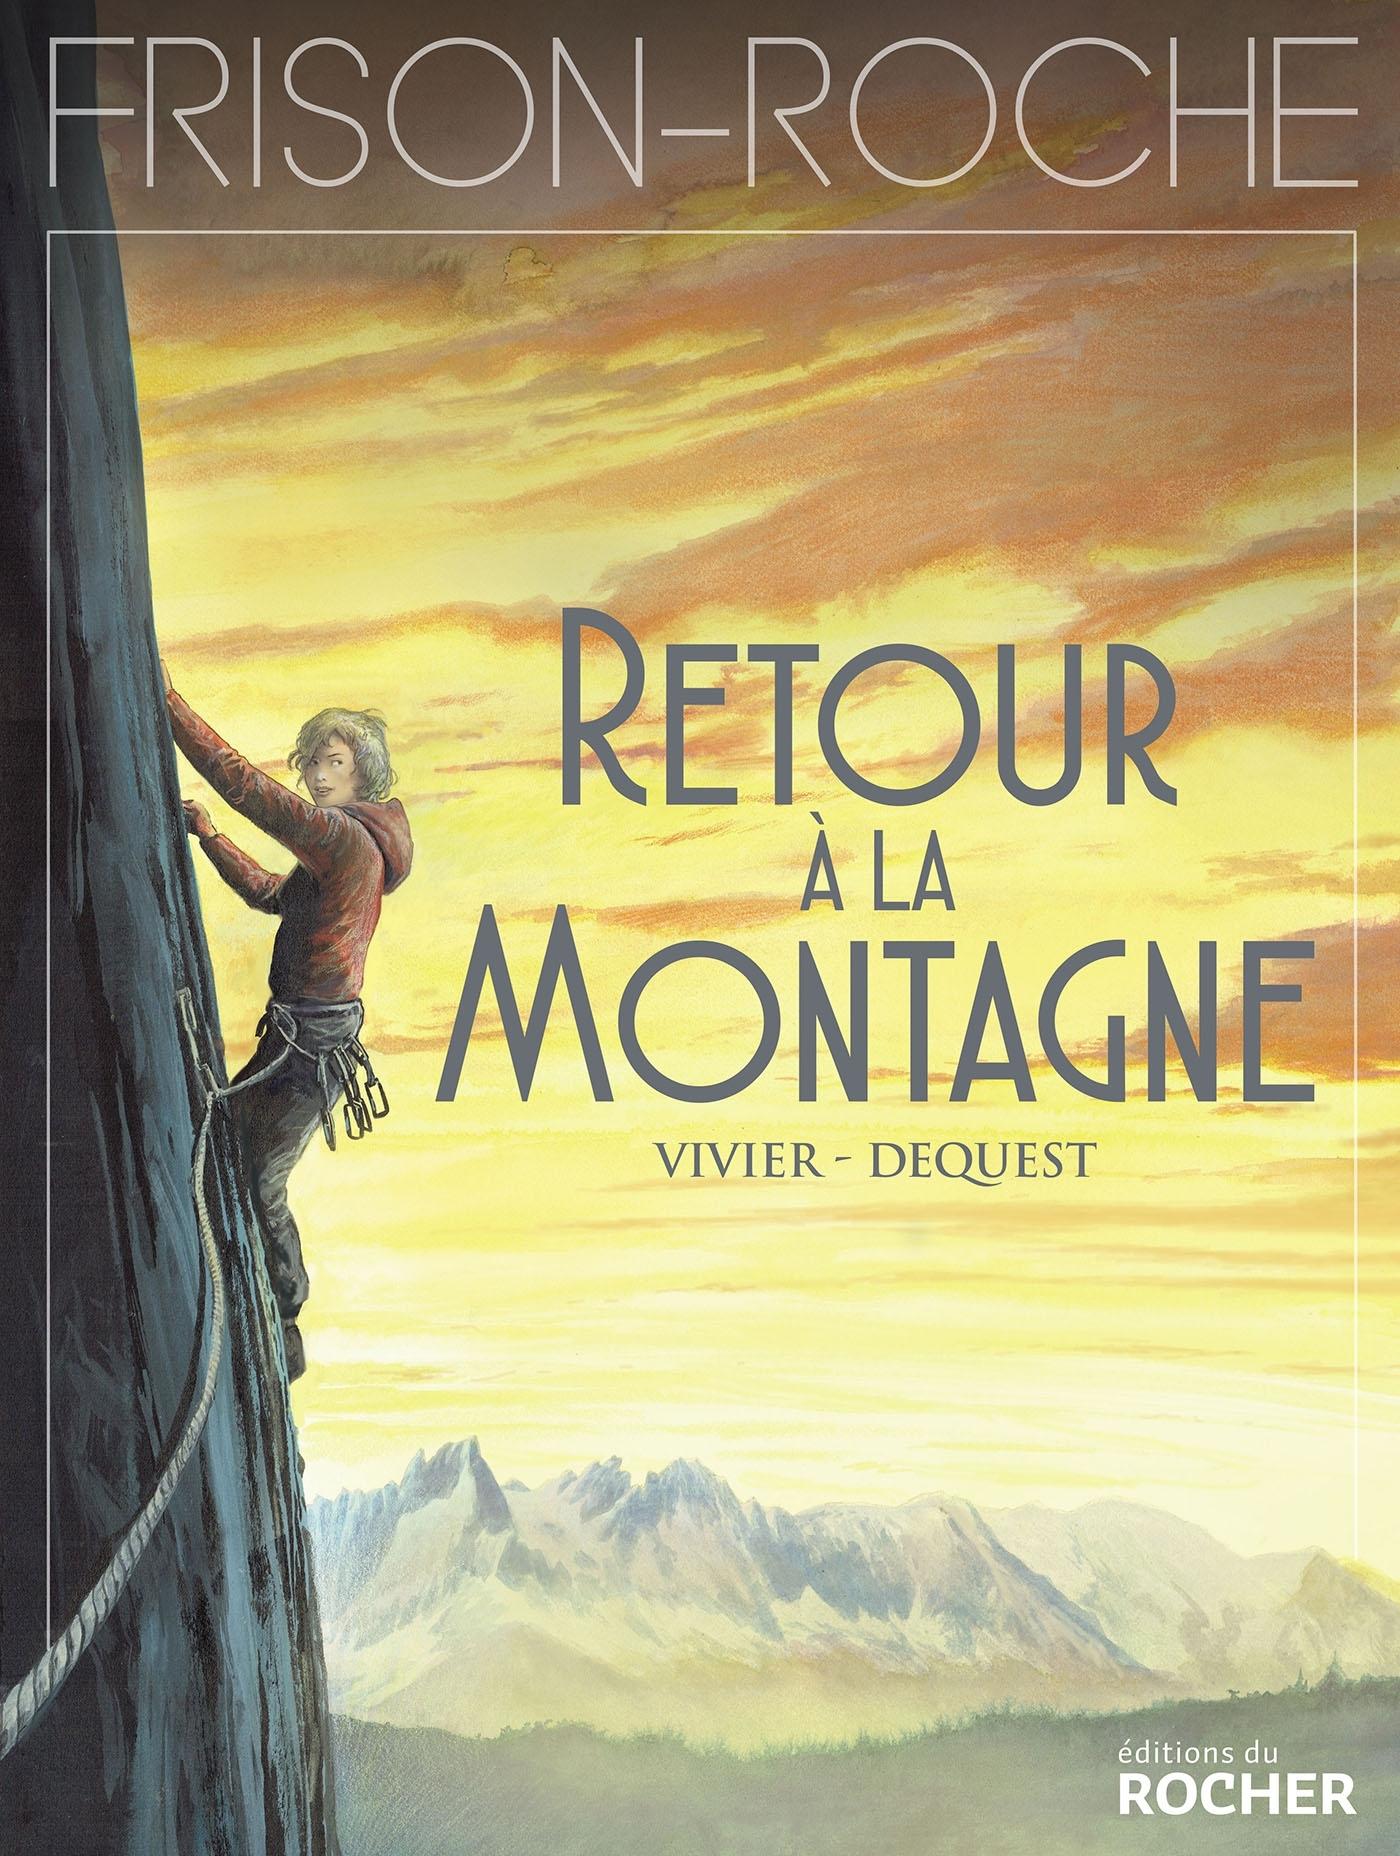 RETOUR A LA MONTAGNE - D'APRES L'OEUVRE DE ROGER FRISON-ROCHE